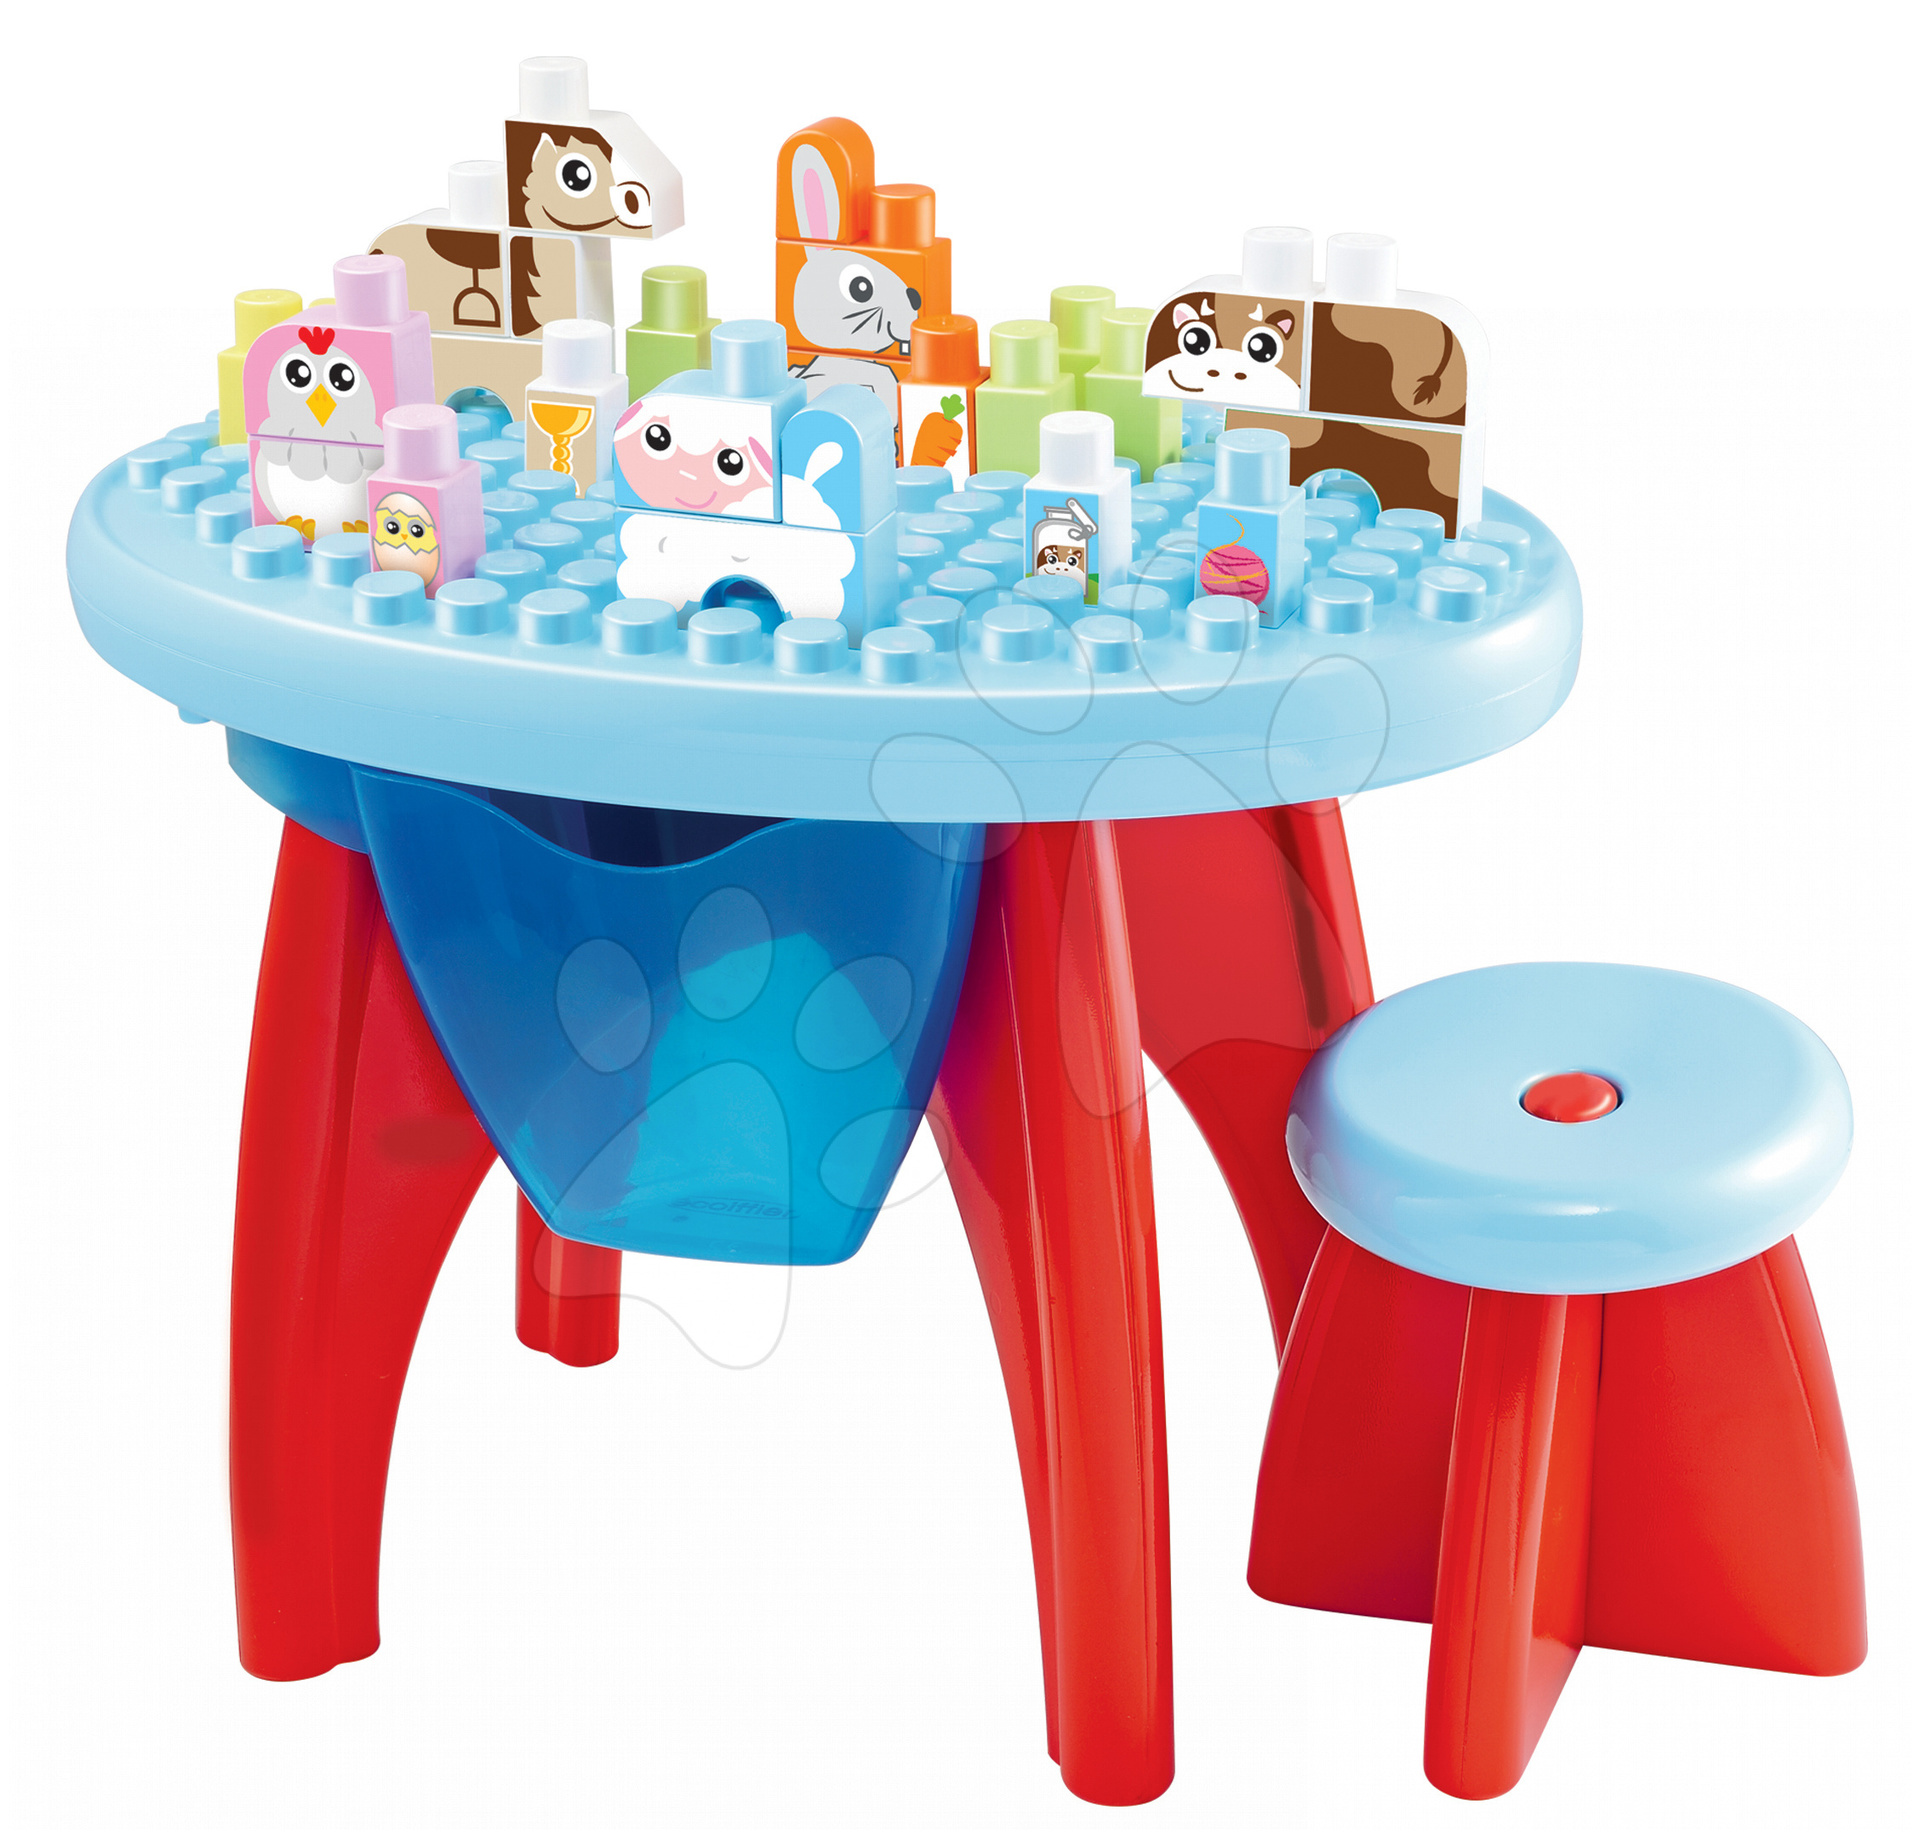 Stavebnice pro děti Maxi Abrick Écoiffier s didaktickým stolem a kostkami s IML potiskem od 12 měsíců 35 ks